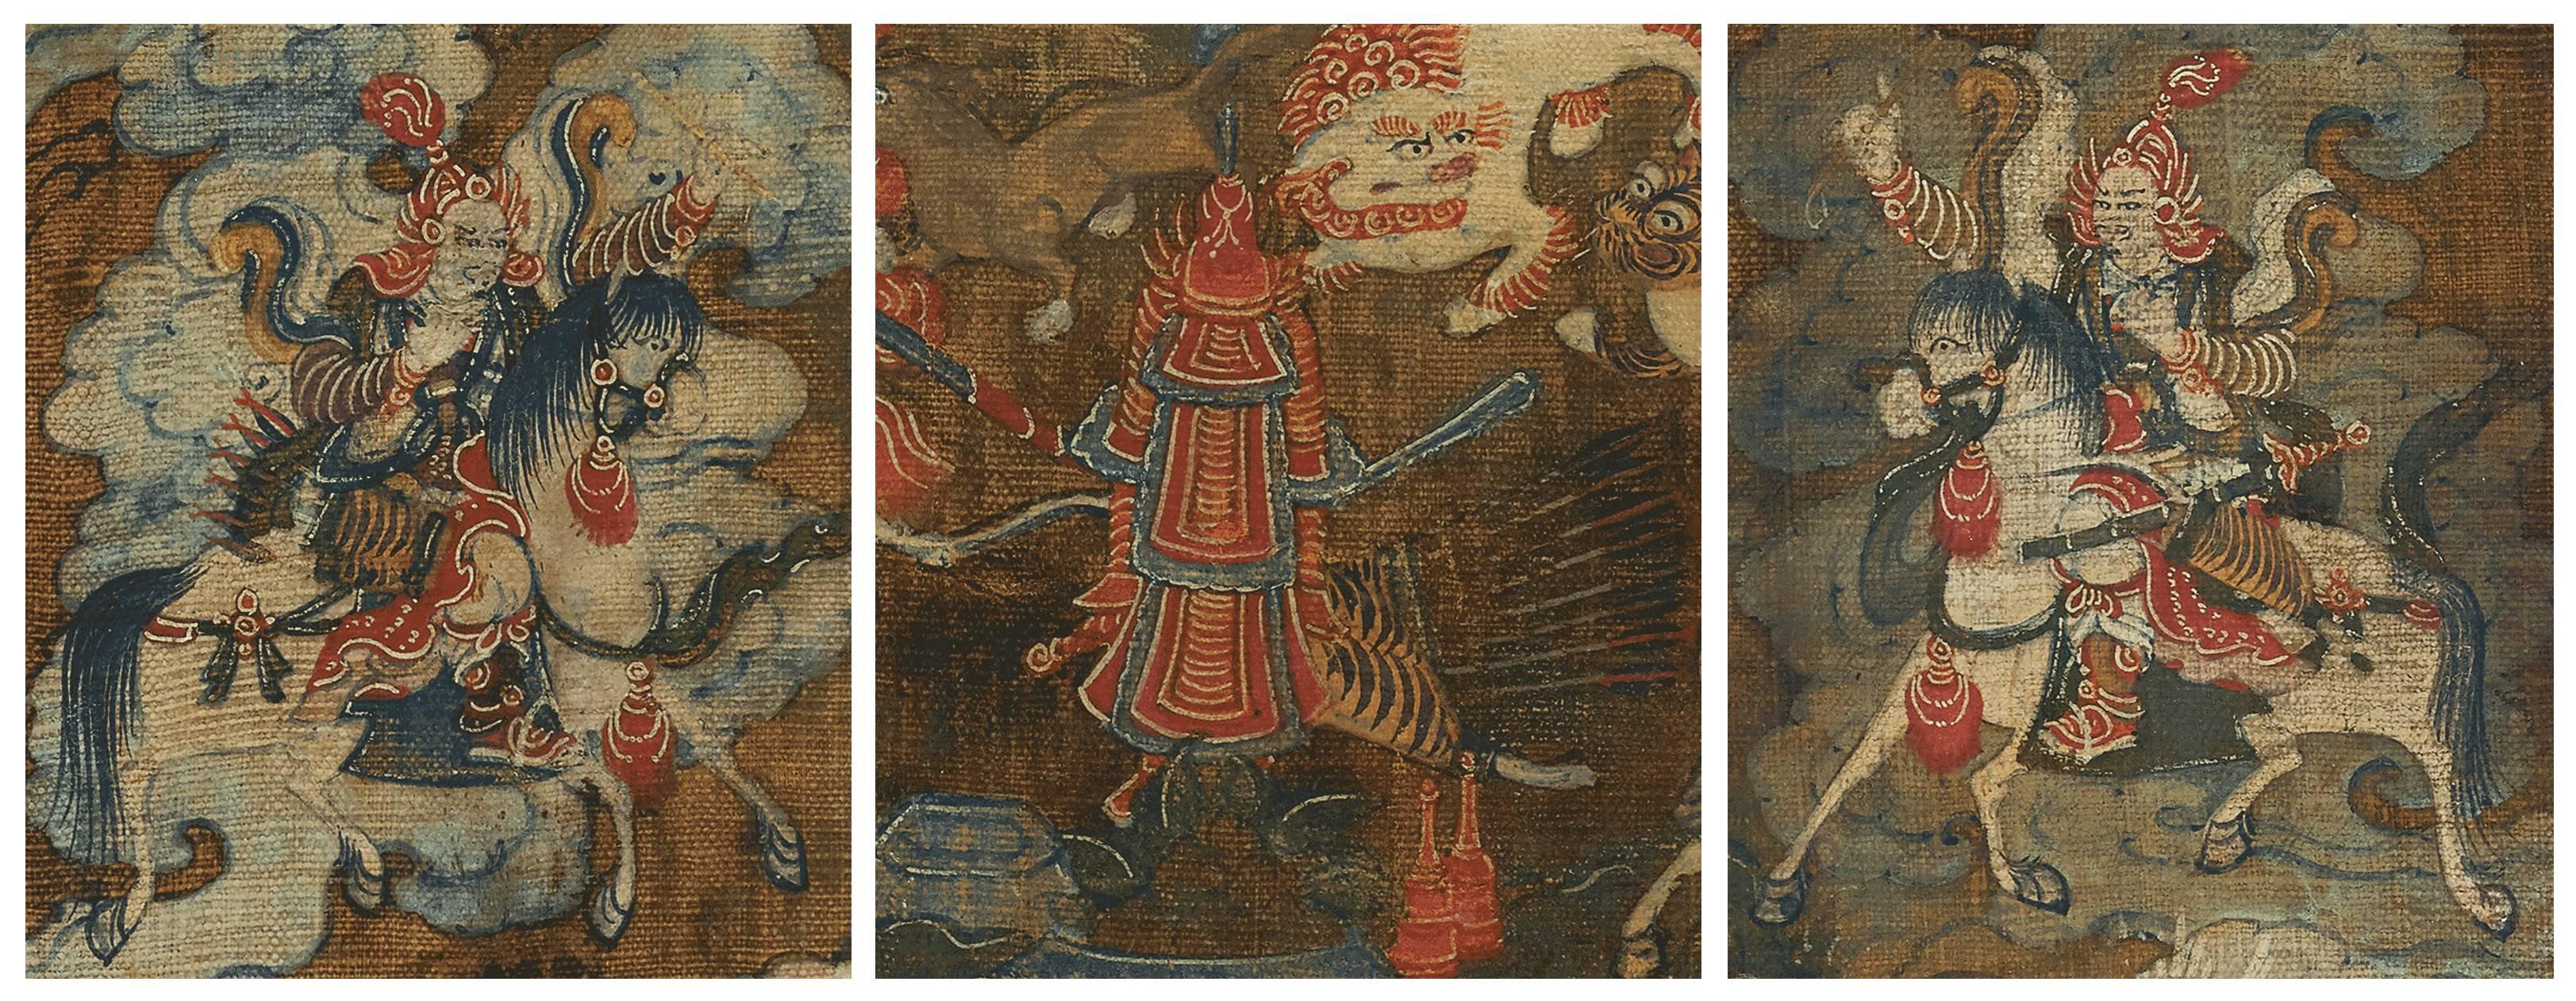 诚轩17春·瓷器 | 乾隆时期蒙古地区的一幅骏马财神唐卡 第2张